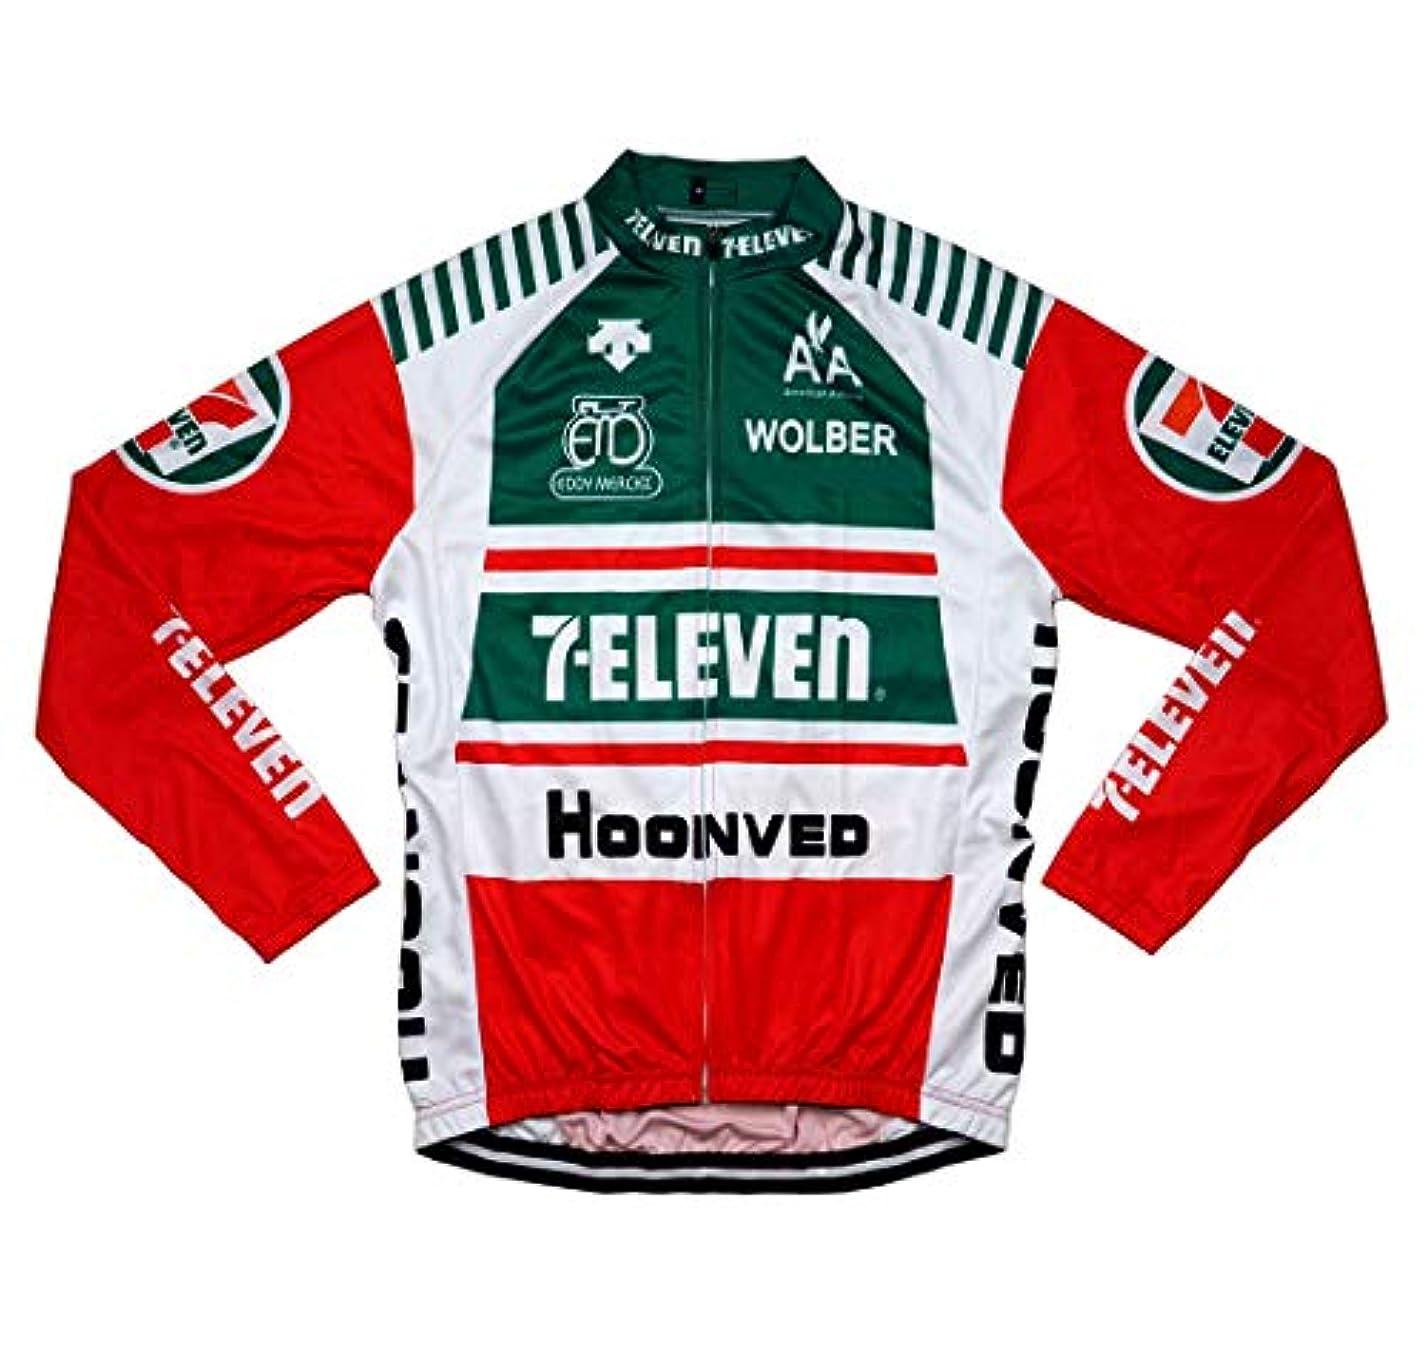 信者ぼろ接尾辞サイクルジャージ レトロデザイン 長袖 No6 メンズ クールマックス仕様 自転車 MTB サイクリング ロードバイク ロング